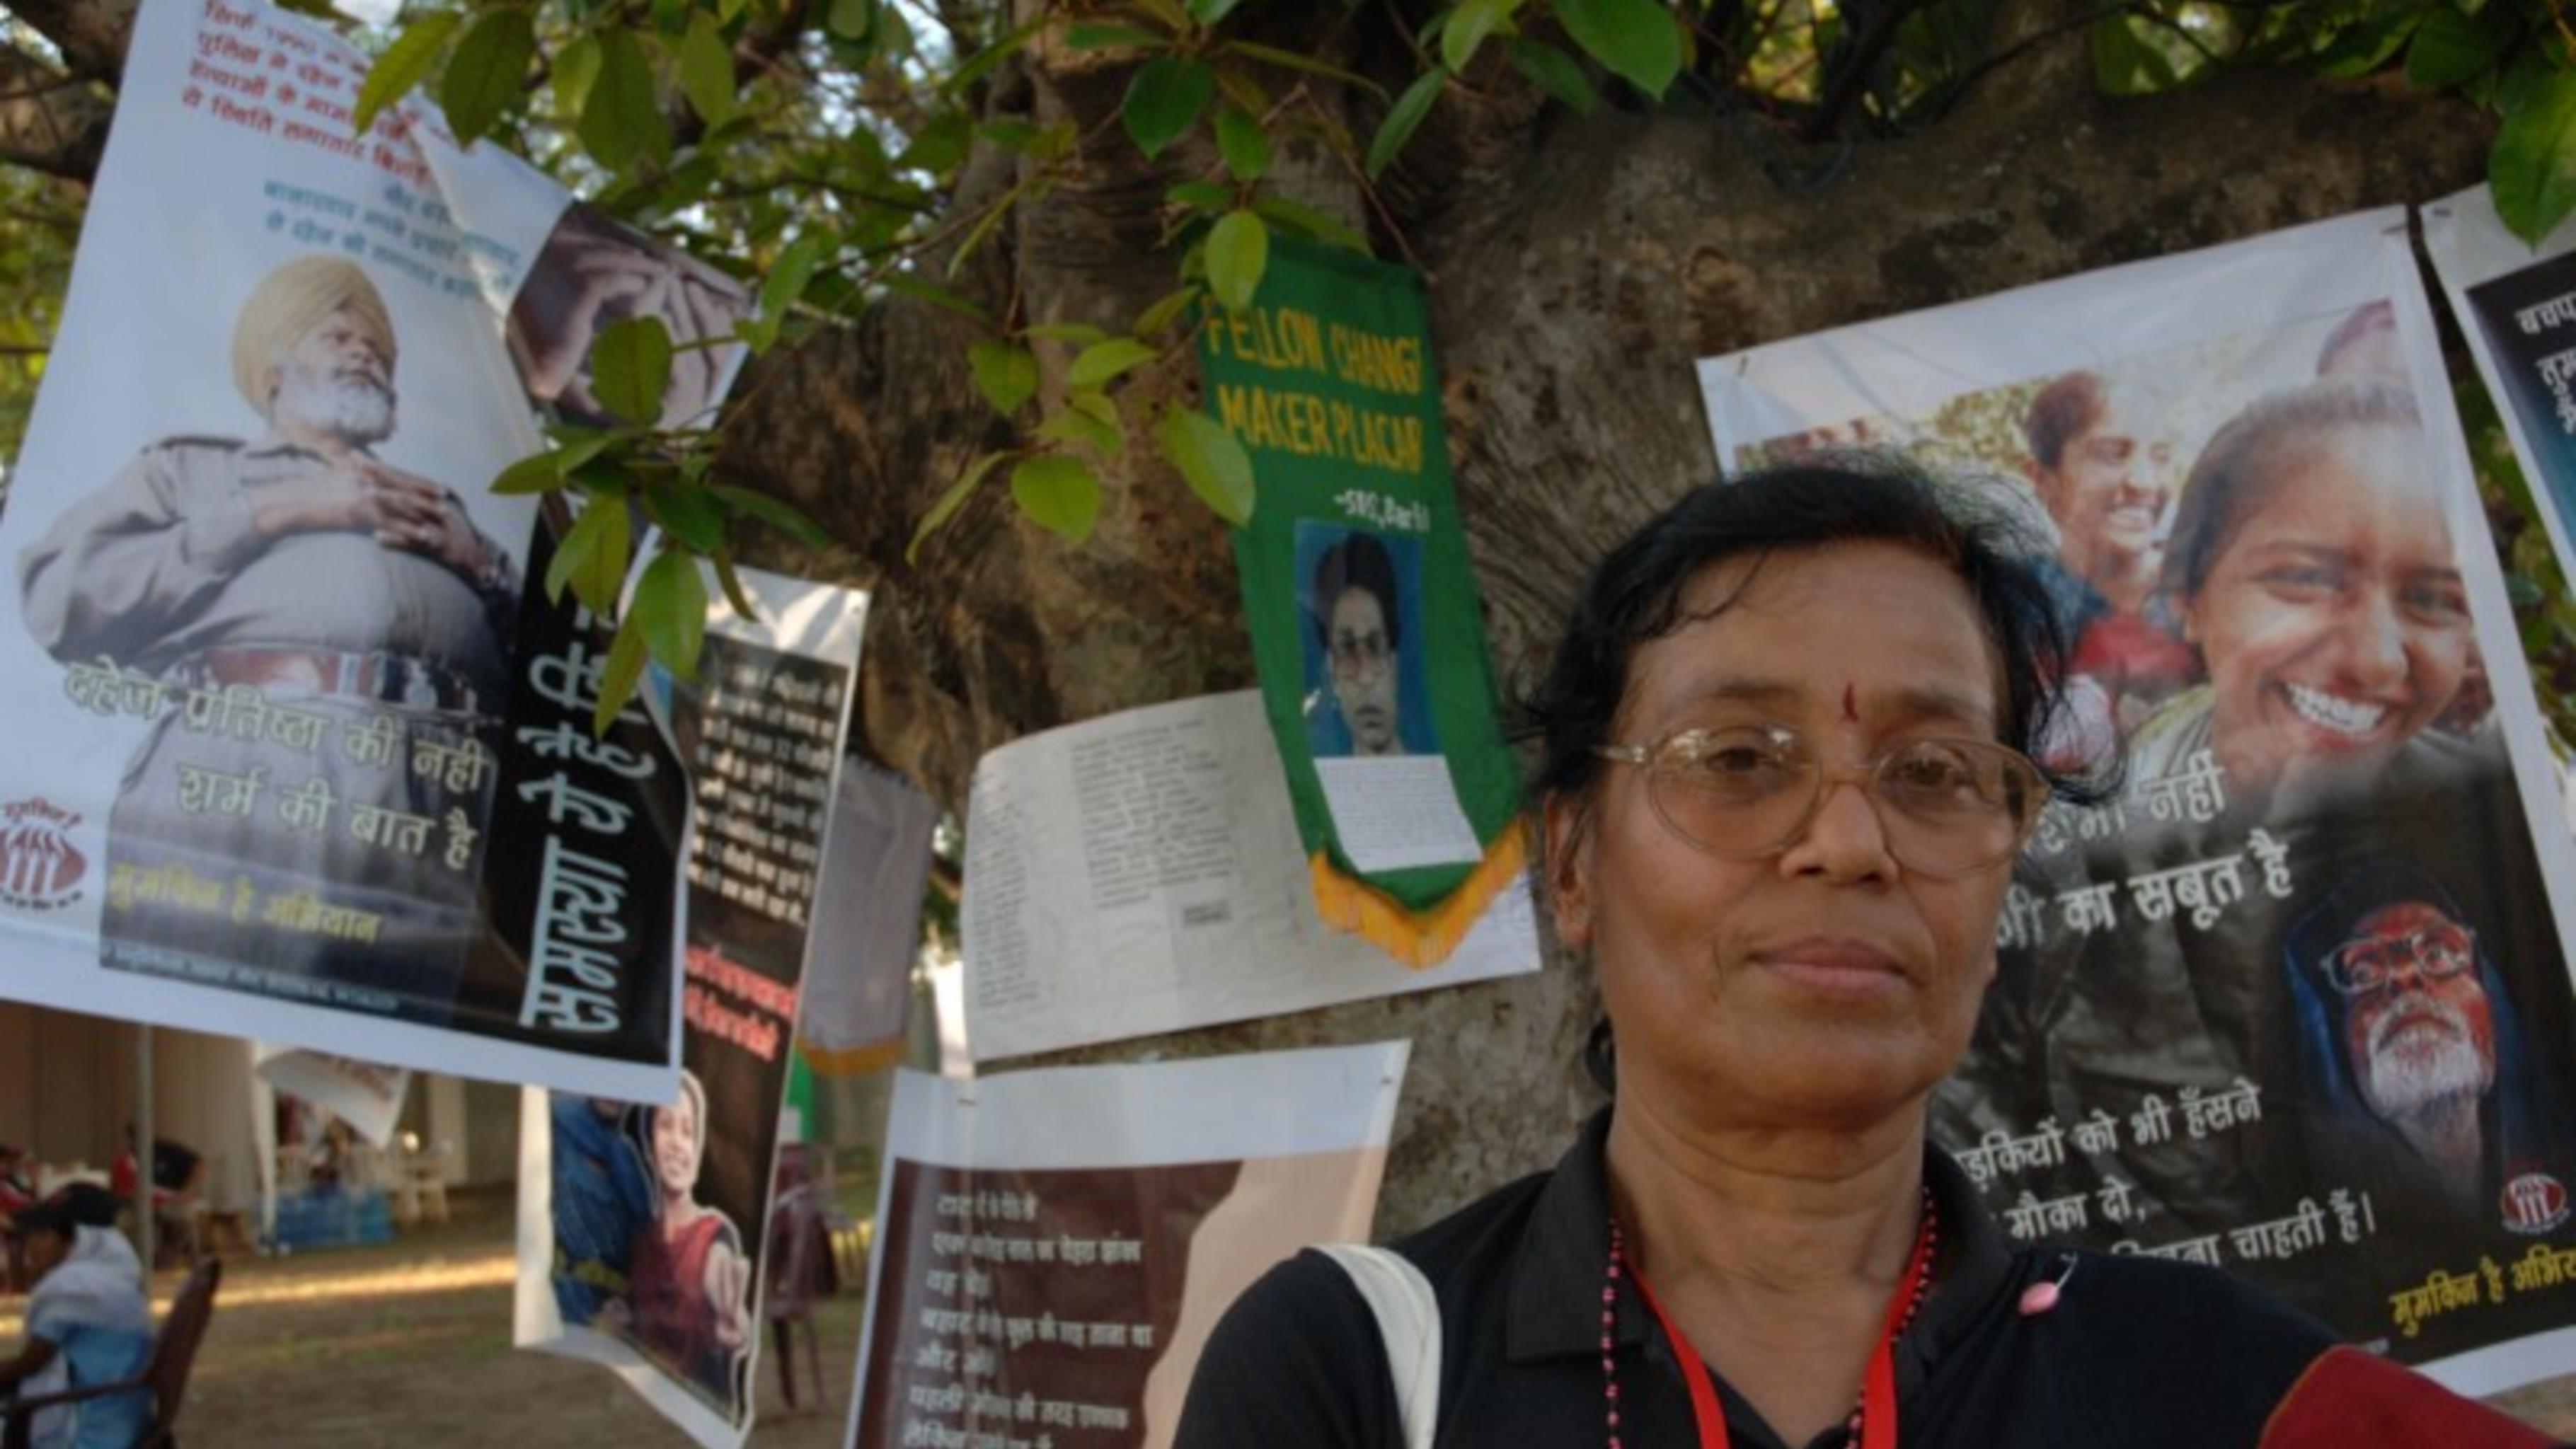 Foto: protestierende Frau in Sri Lanka